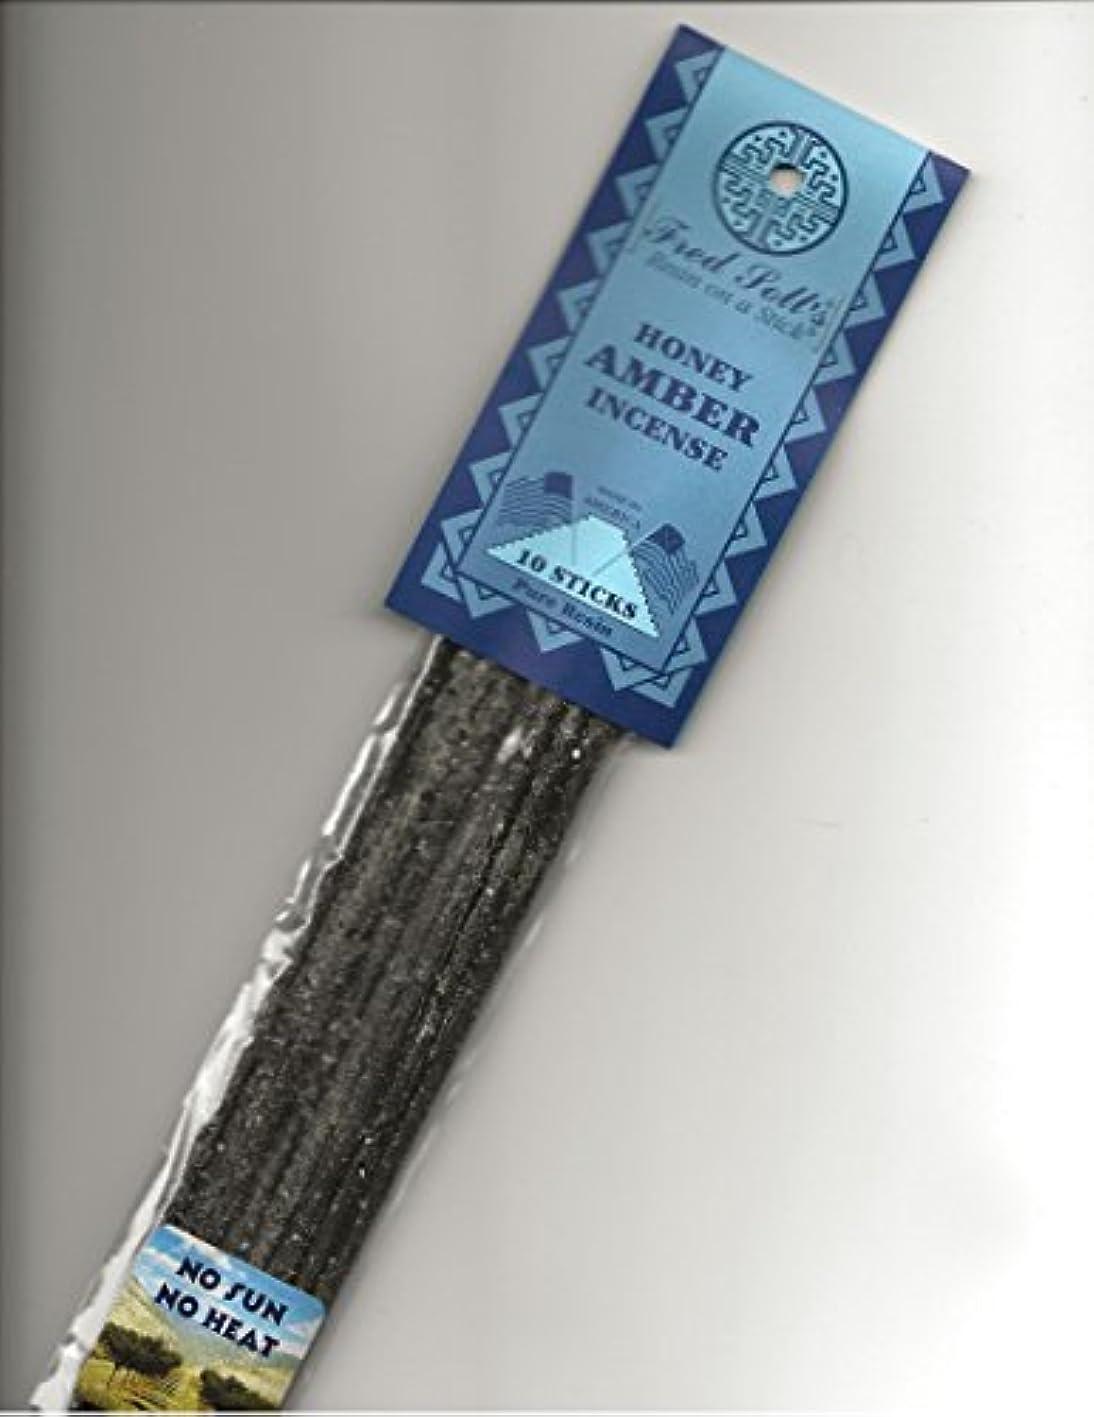 安全論文バリーFRED SOLL'S 樹脂製スティック式ハニーアンバーのお香